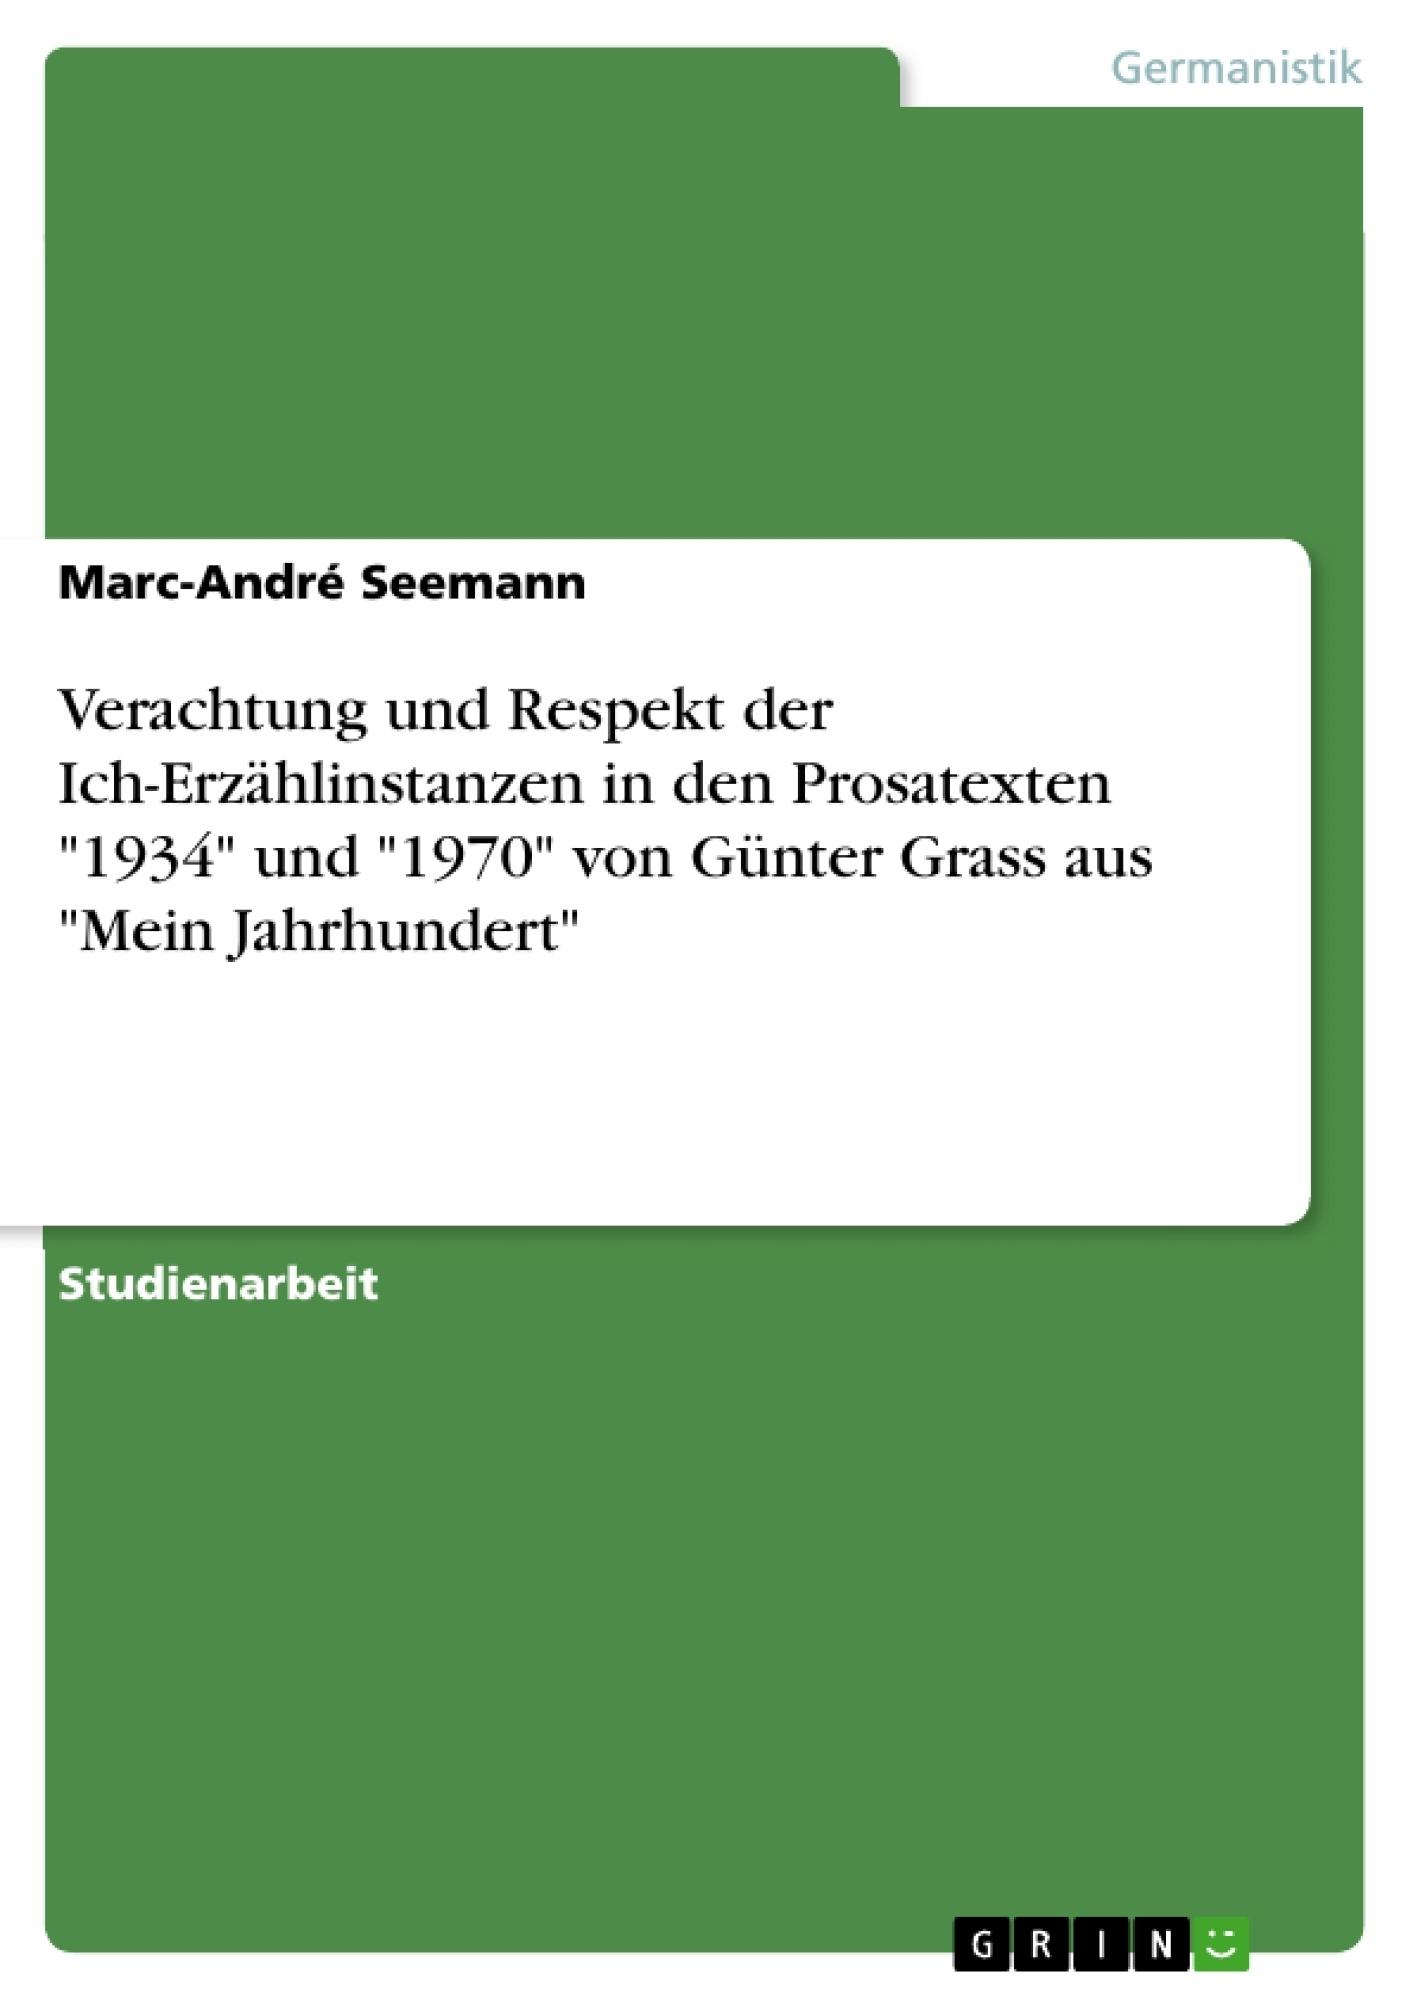 """Titel: Verachtung und Respekt der Ich-Erzählinstanzen in den Prosatexten """"1934"""" und """"1970"""" von Günter Grass aus """"Mein Jahrhundert"""""""